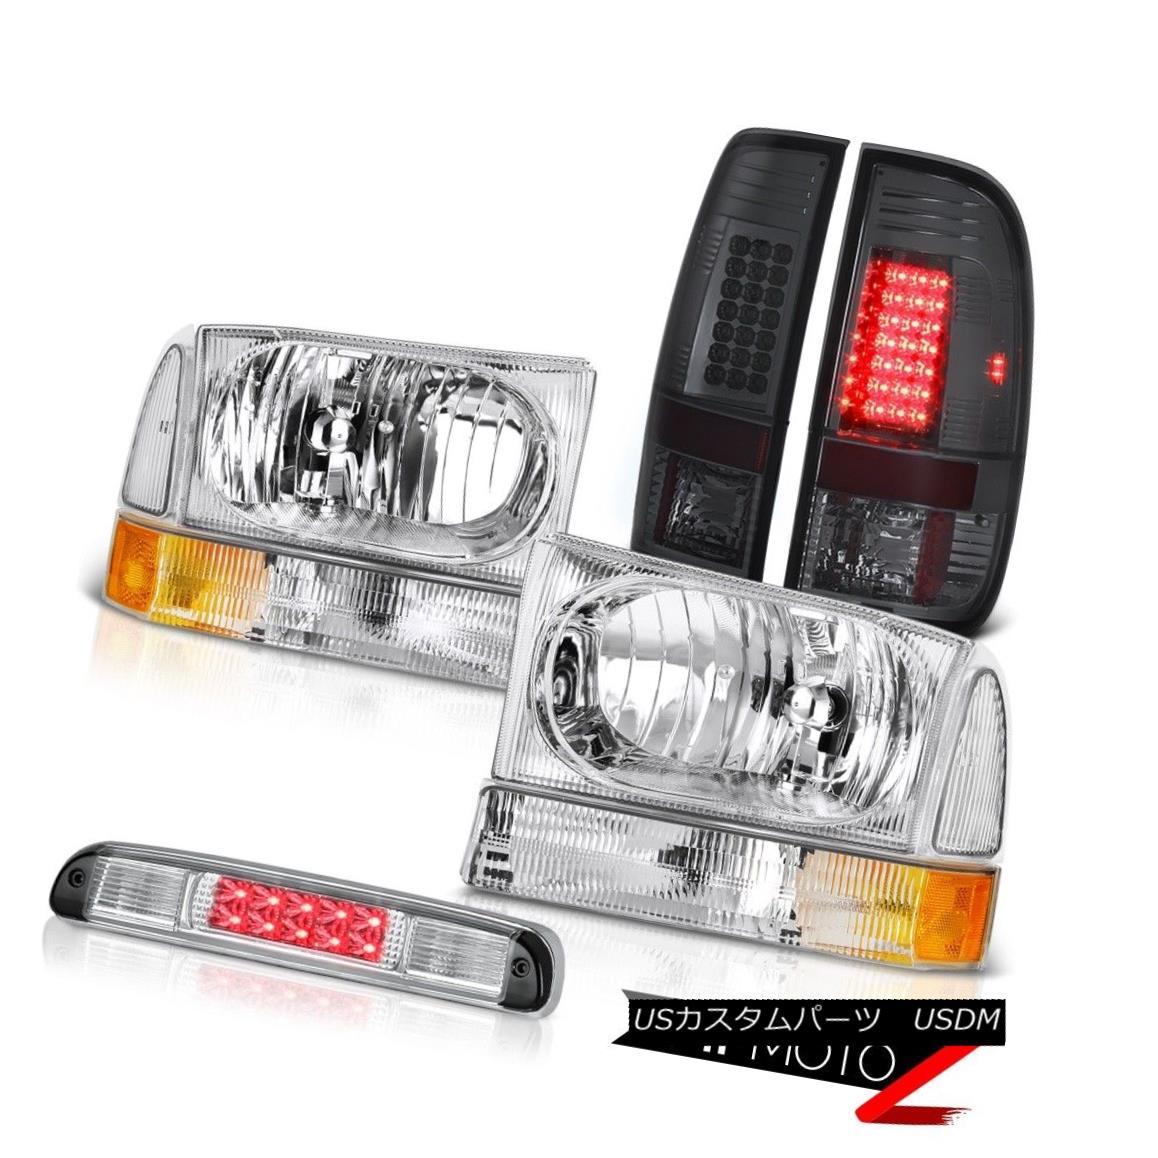 テールライト Crystal Headlamps Smoke Brake Tail Lights Euro Third LED 99-04 F250 Turbo Diesel クリスタルヘッドランプスモークブレーキテールライトユーロサードLED 99-04 F250ターボディーゼル